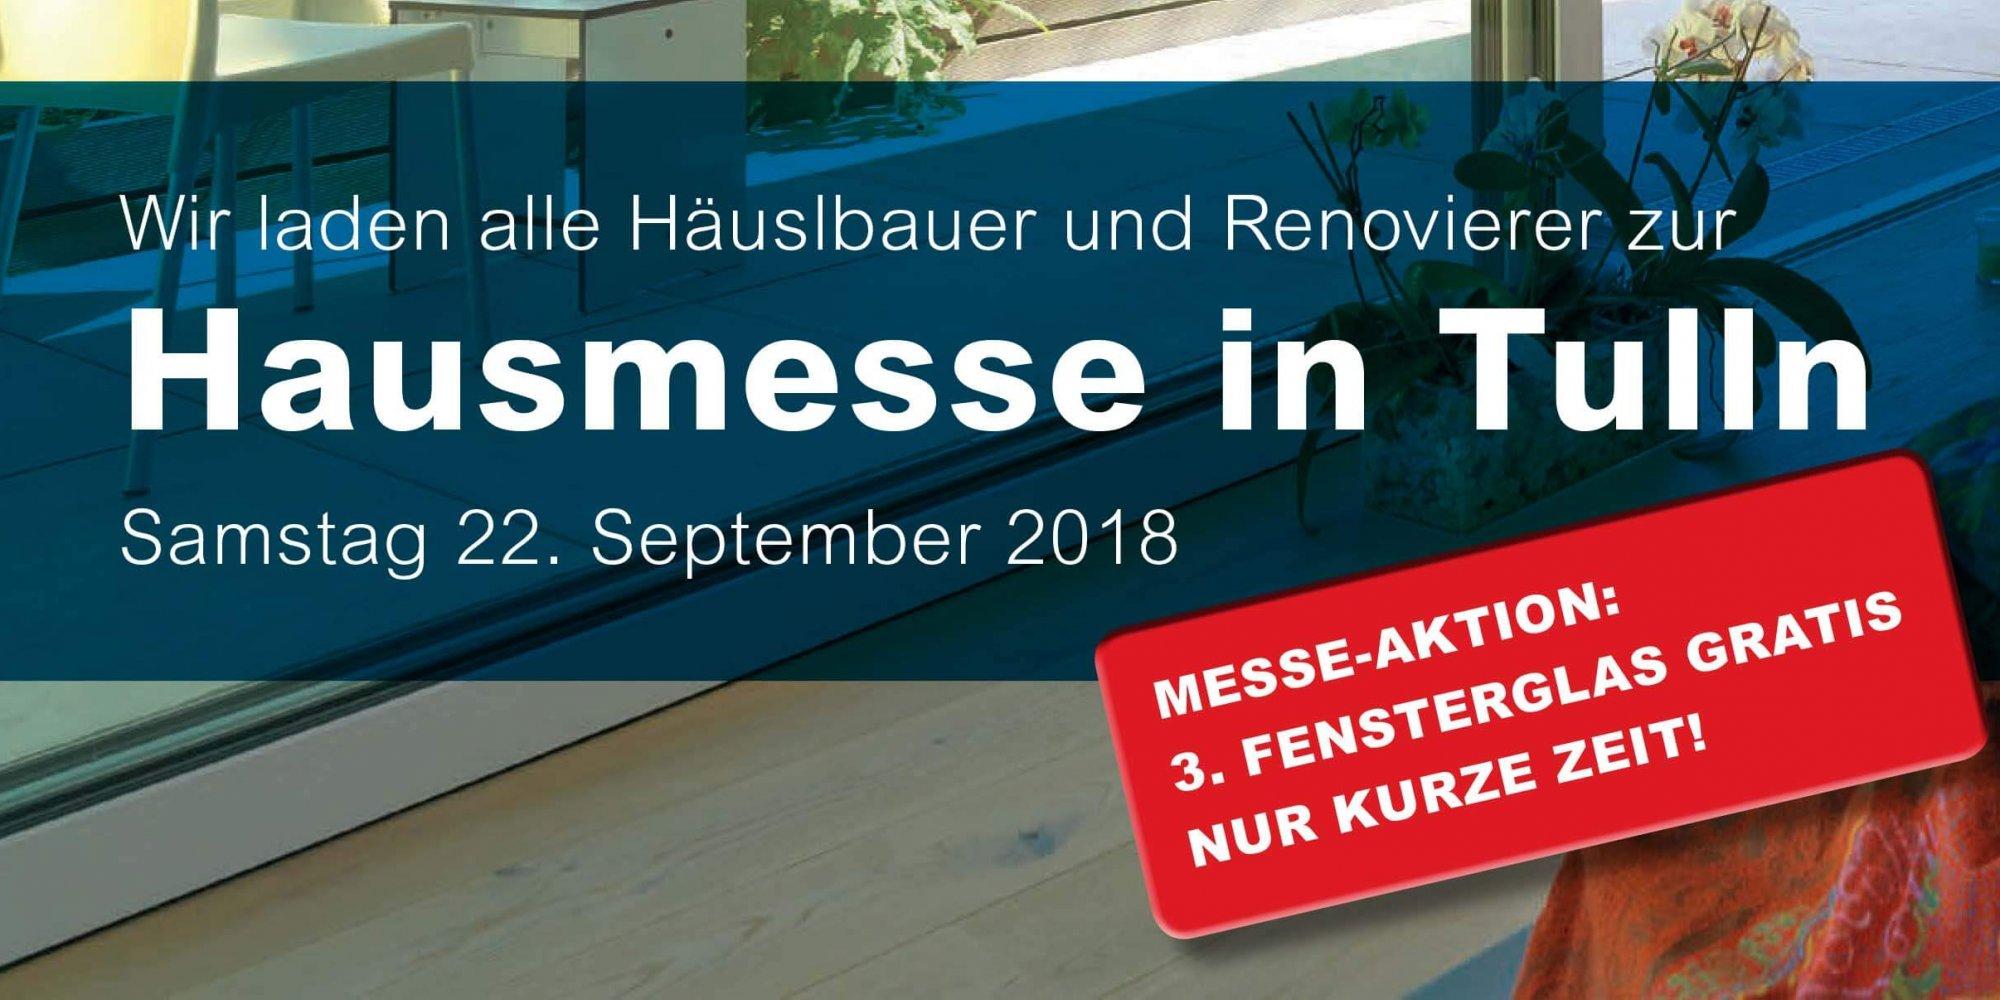 Hausmesse 22.09.2018